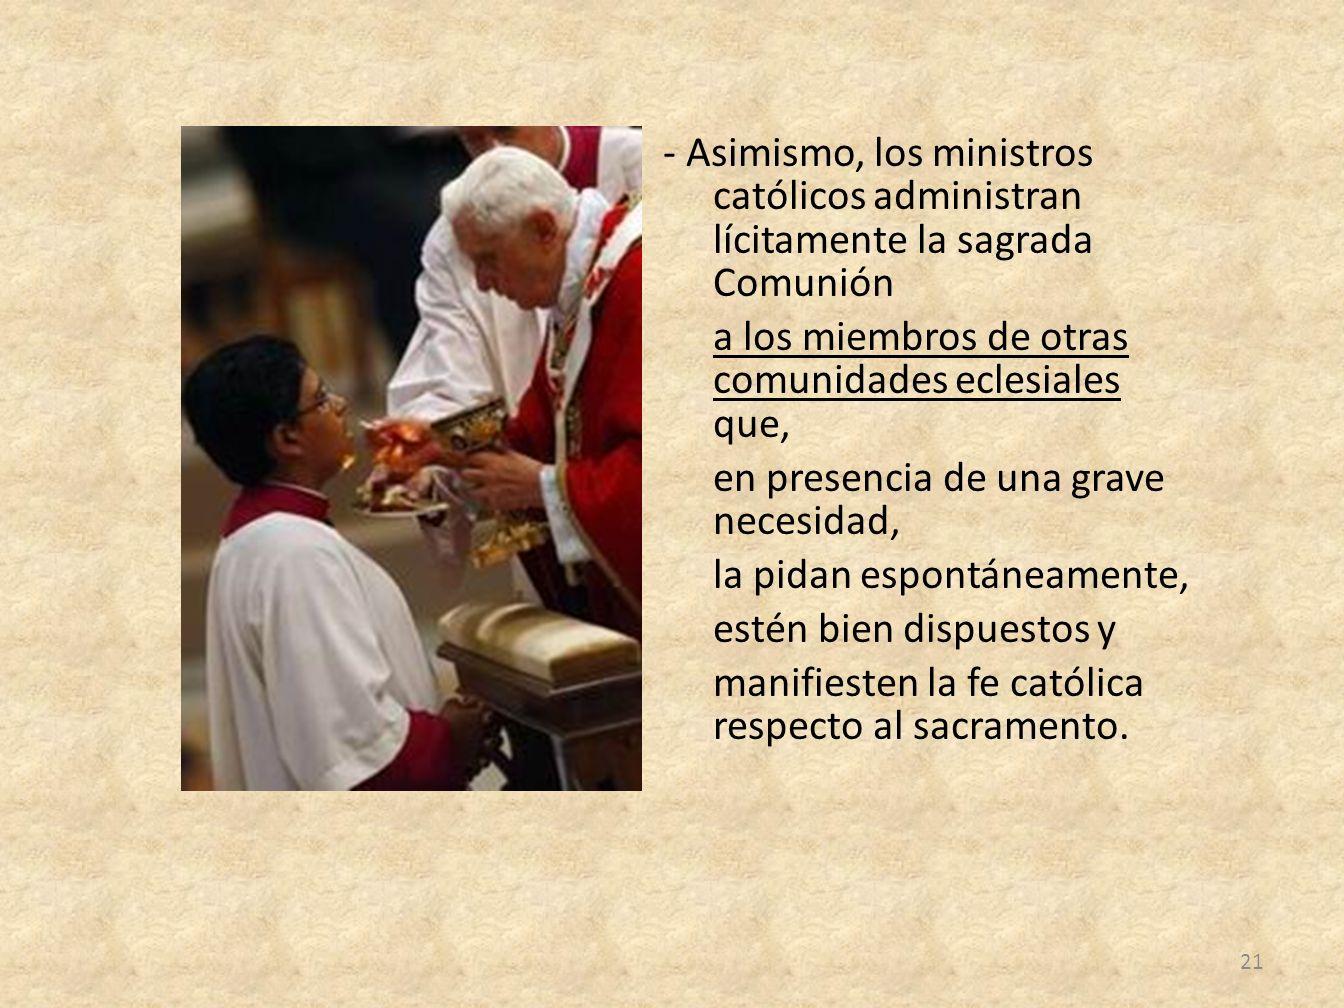 - Asimismo, los ministros católicos administran lícitamente la sagrada Comunión a los miembros de otras comunidades eclesiales que, en presencia de un